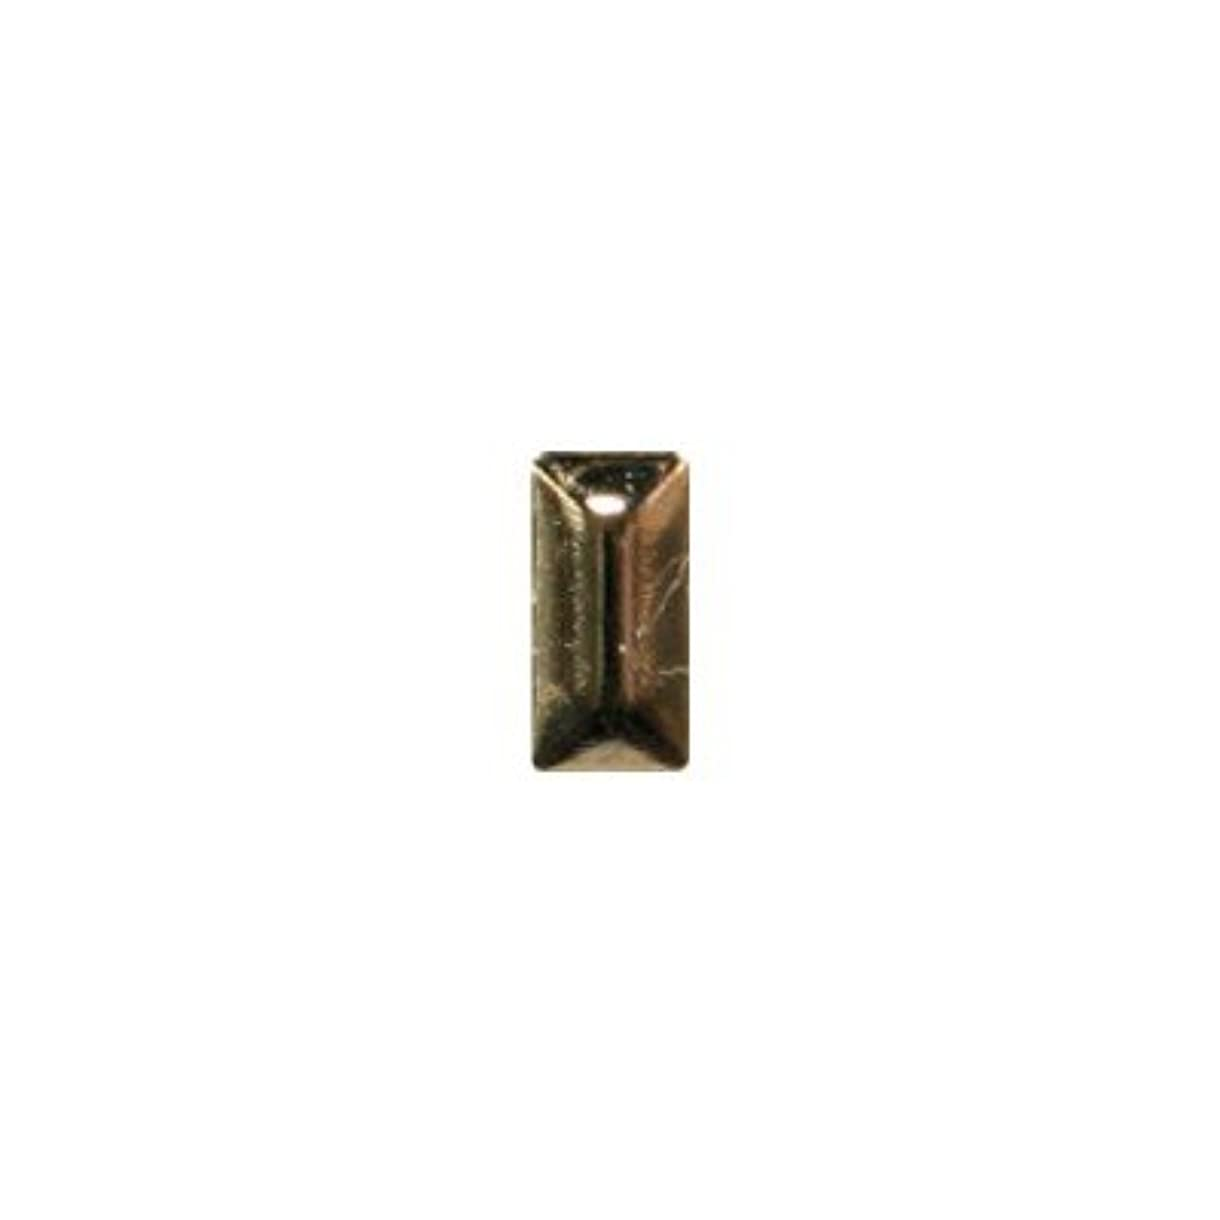 学校教育アルネデータピアドラ スタッズ メタル長方形 2×4mm 50P ゴールド